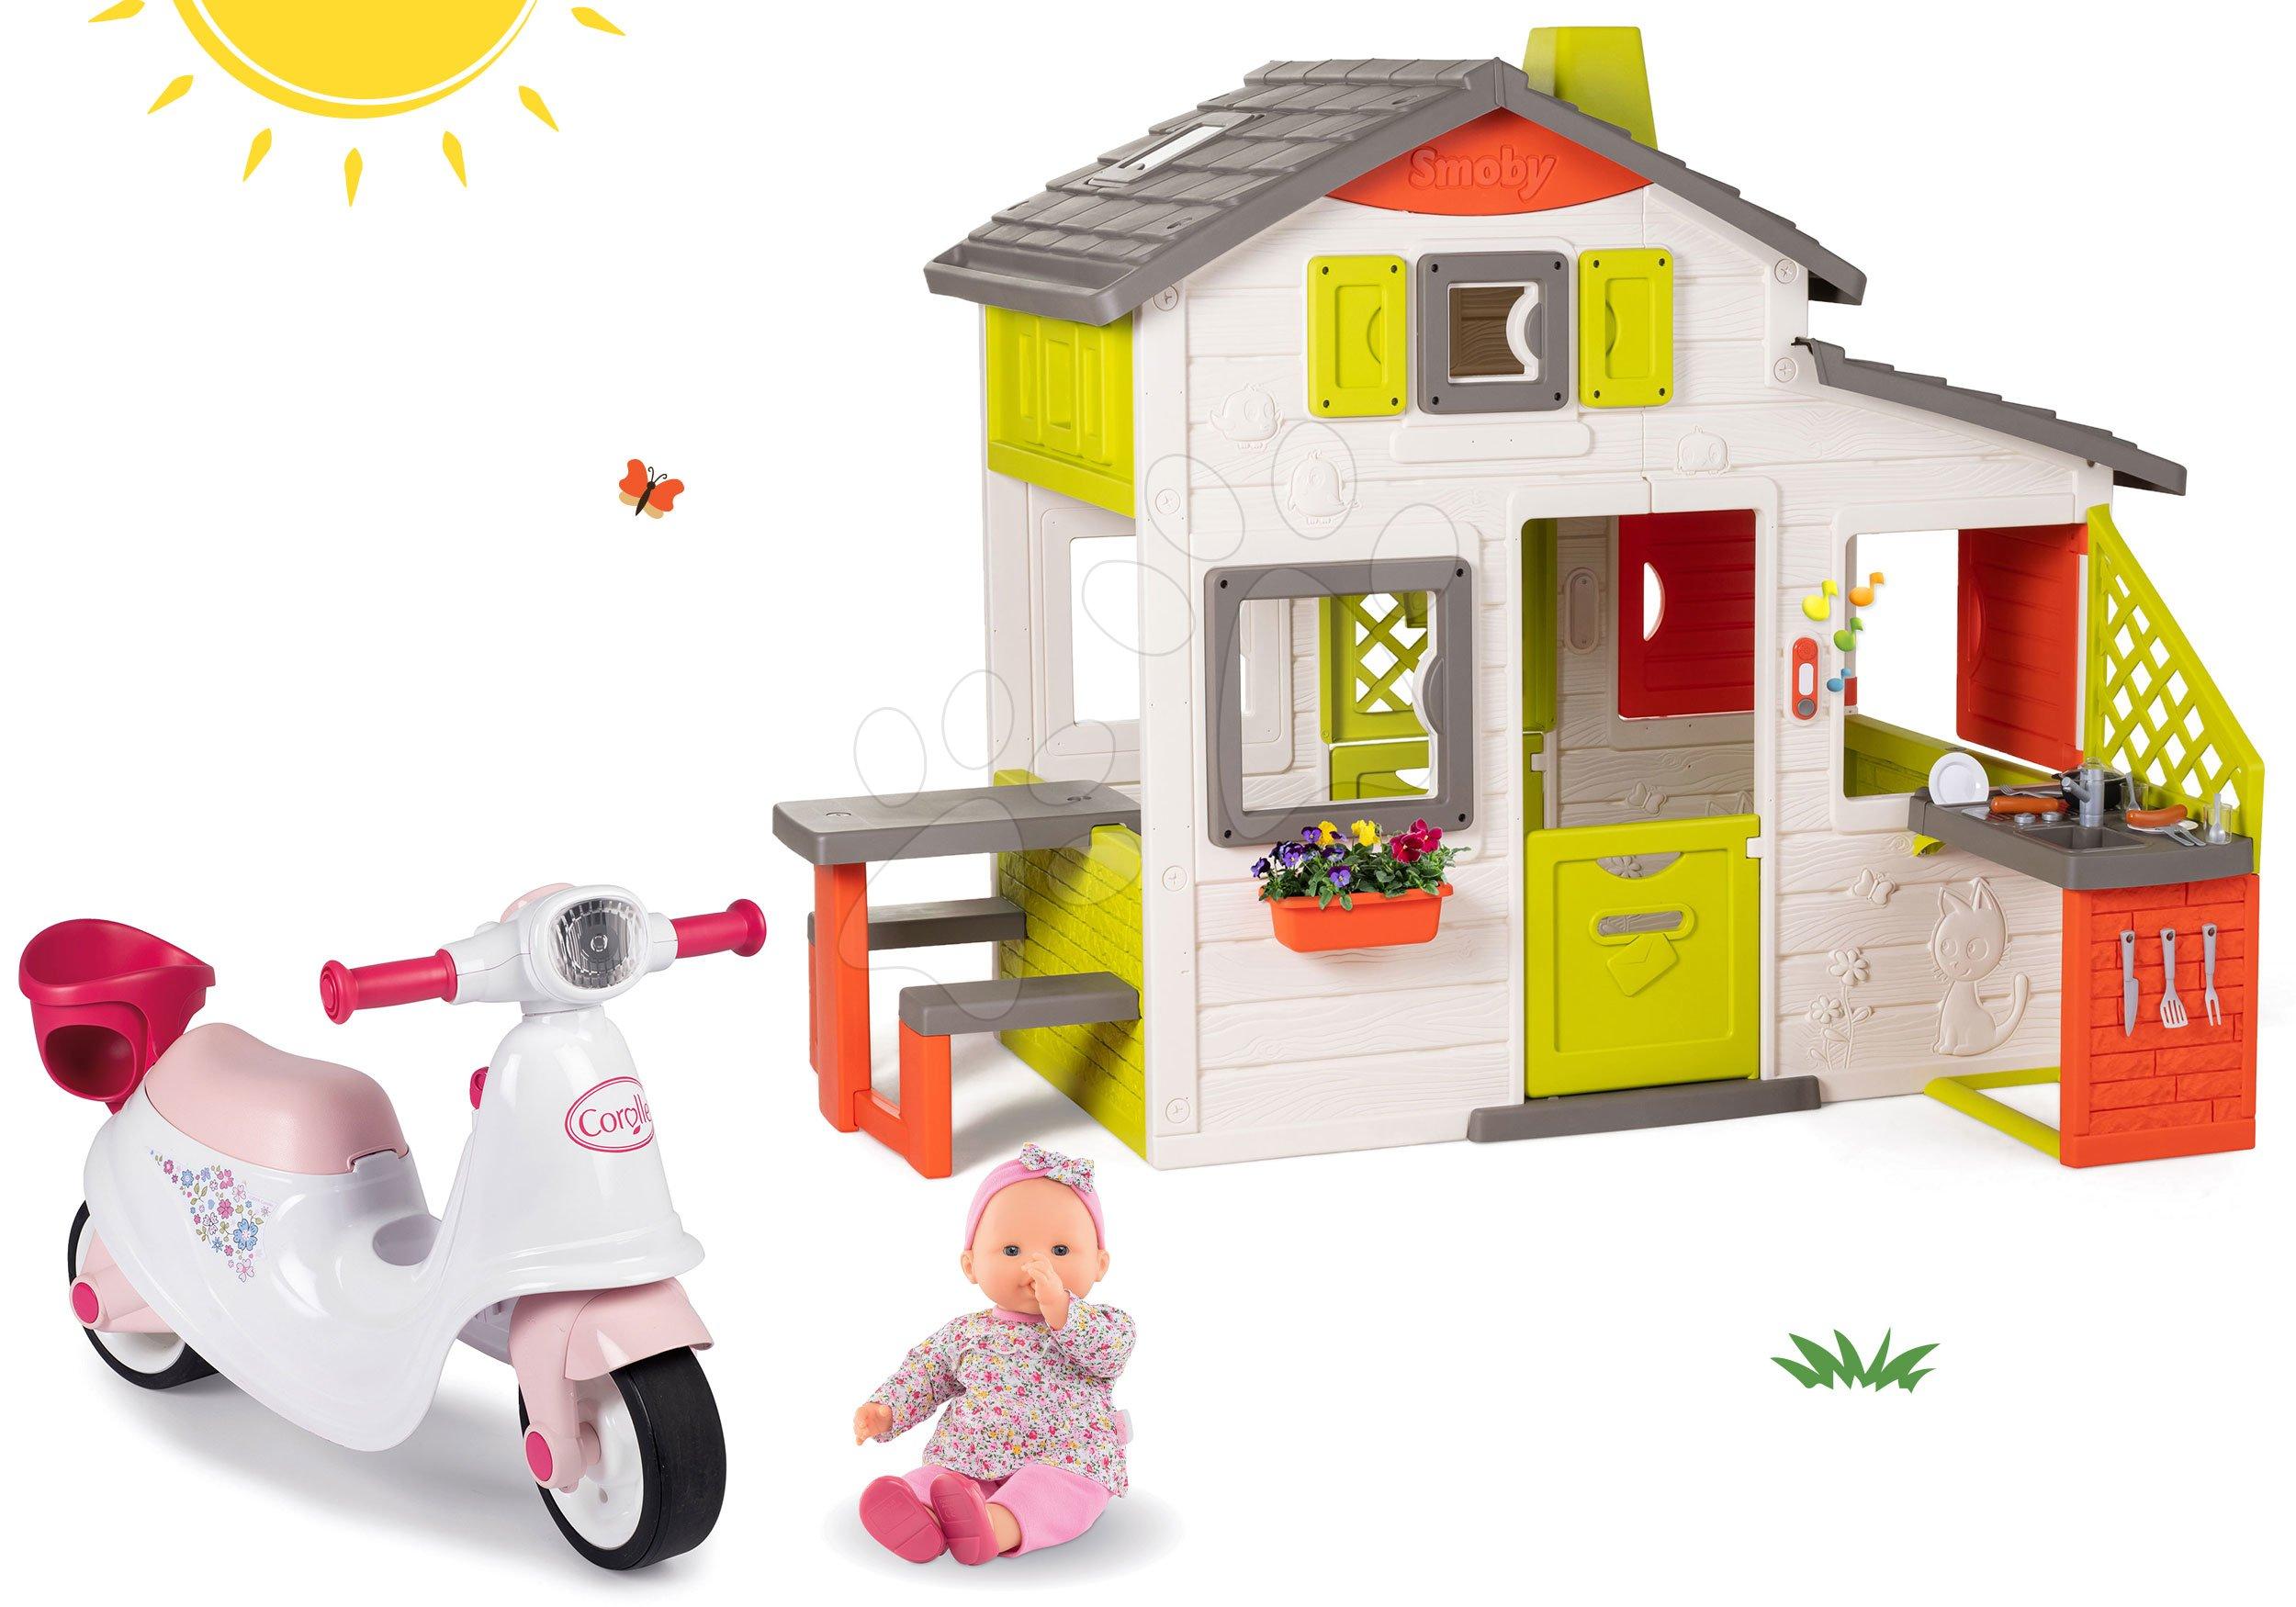 Set domeček Přátel Smoby s kuchyňkou a odrážedlo skútr s Corolle panenkou v dětském nosiči